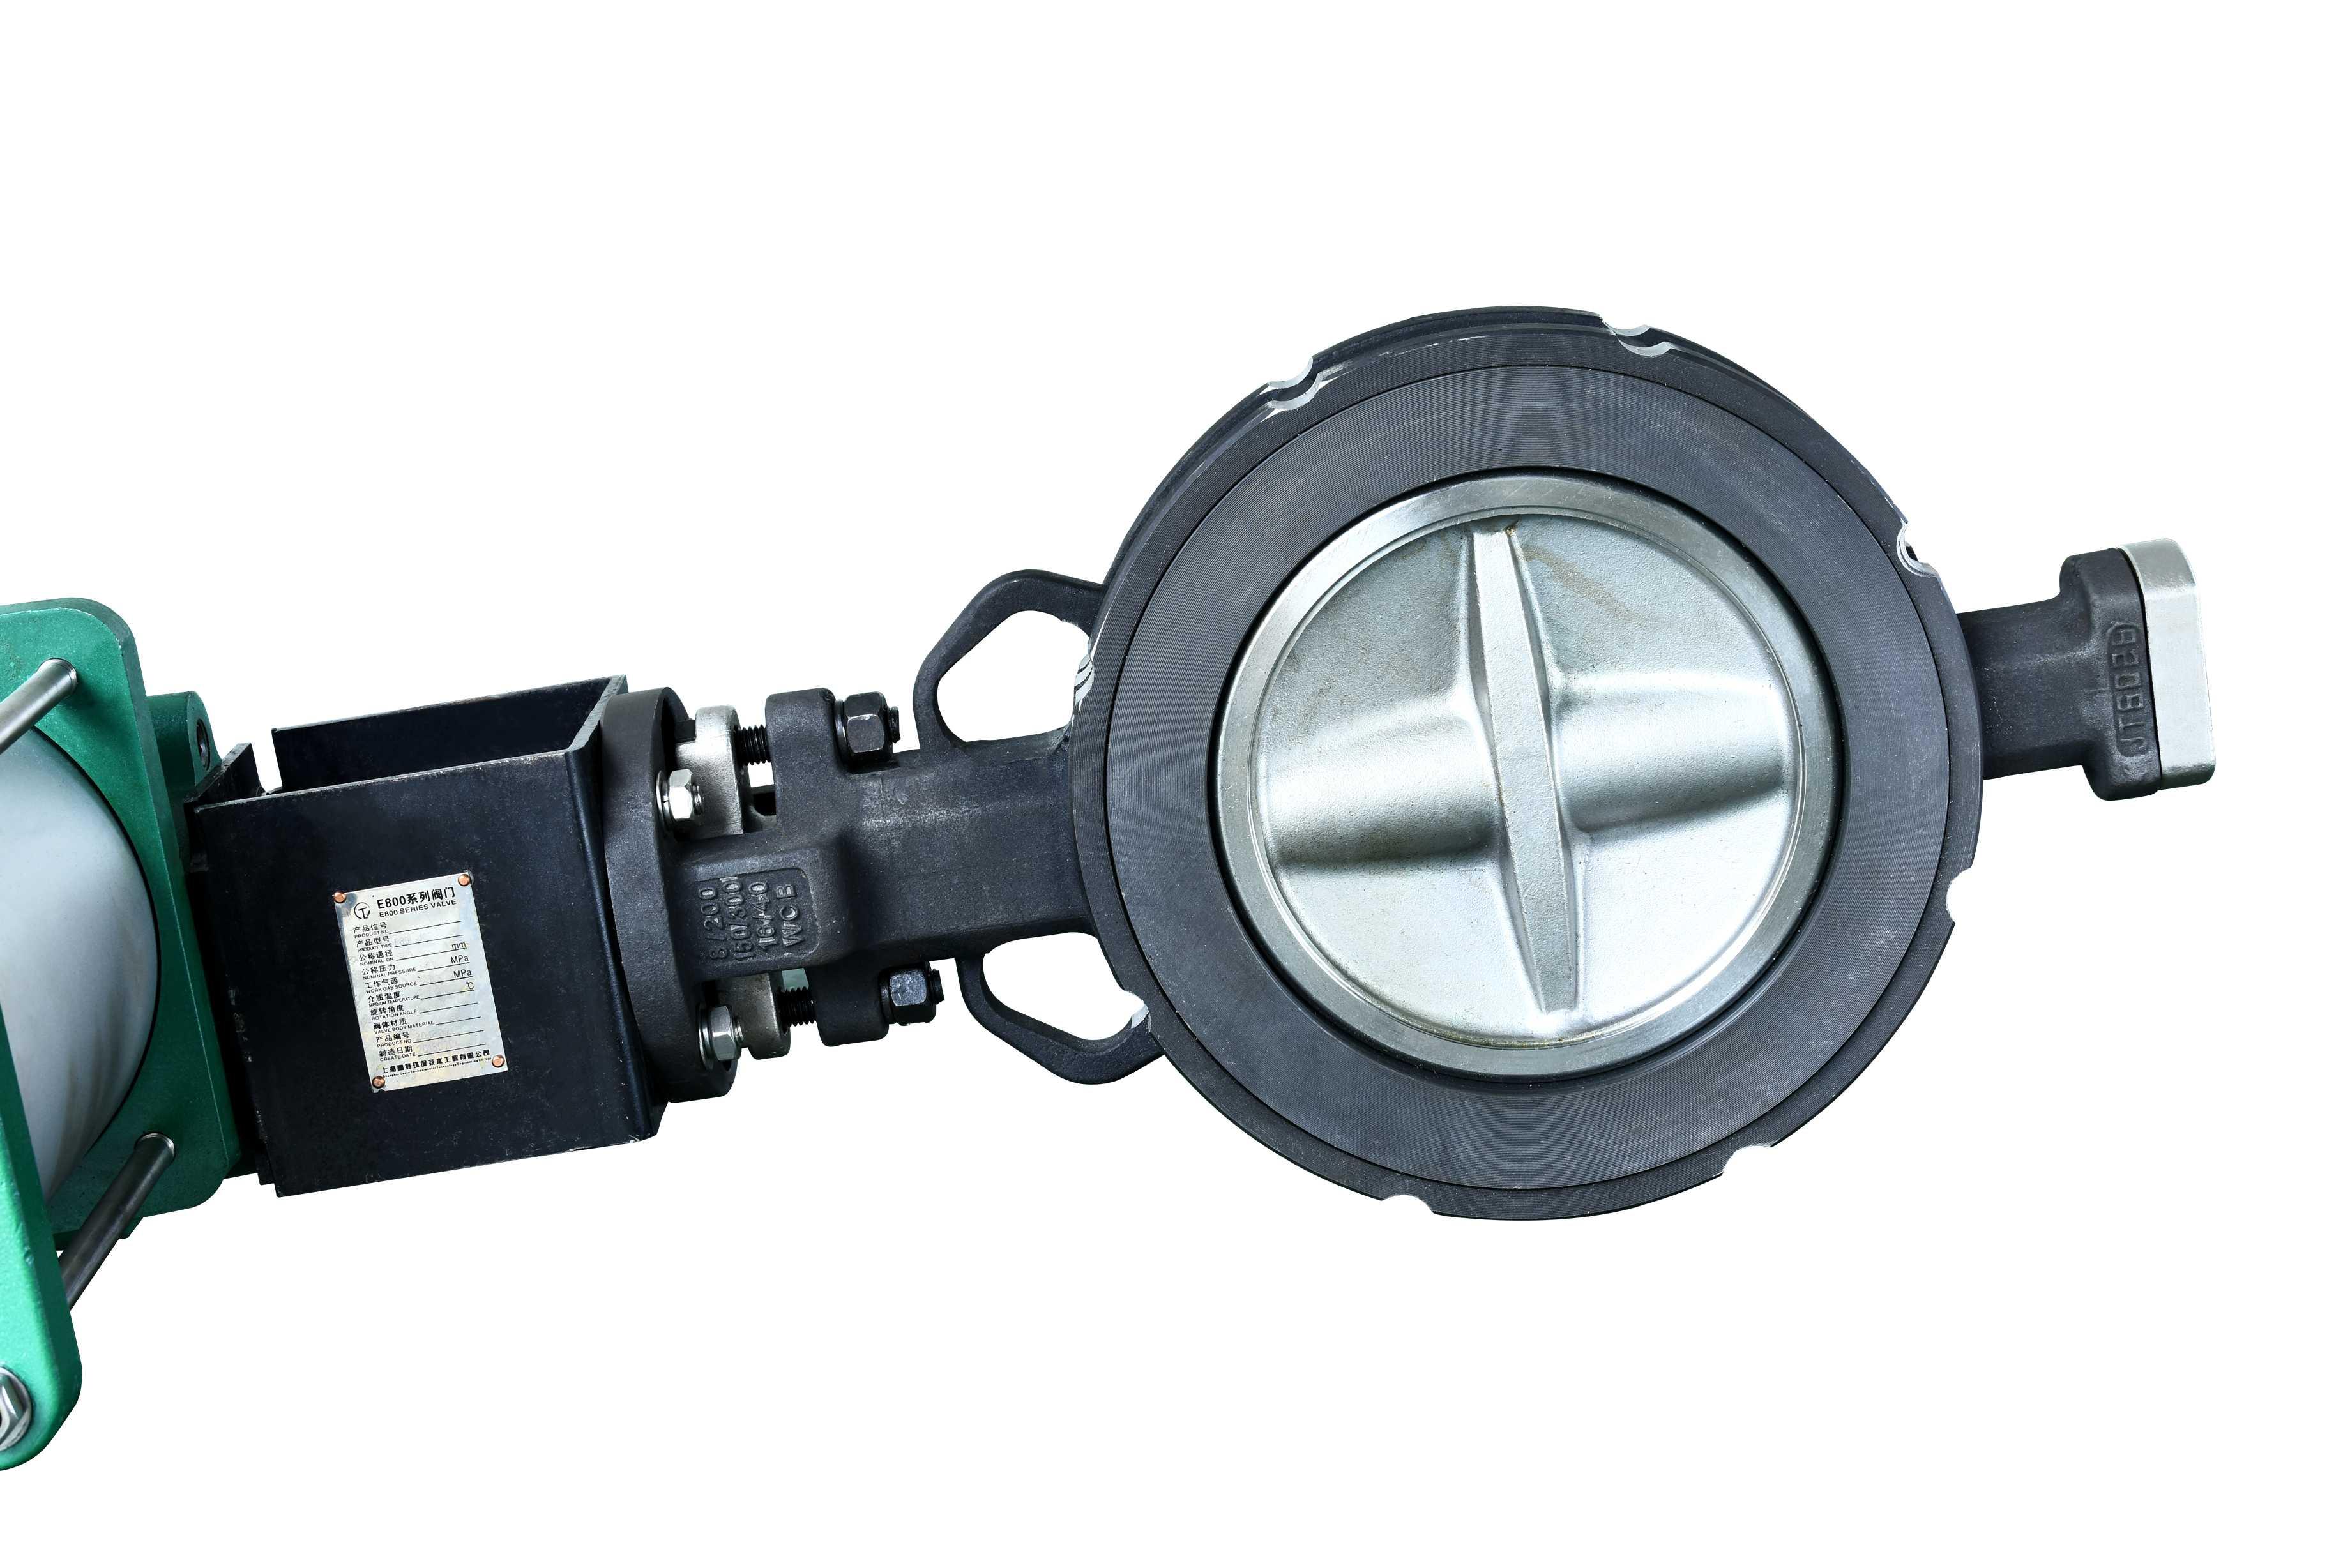 煤气阀 GTE81L1-10C,DN80 阀体WCB 阀板304 介质:空气,温度:350℃,带SMC-VP542电磁阀,贝加孚行程开关,过滤减压器